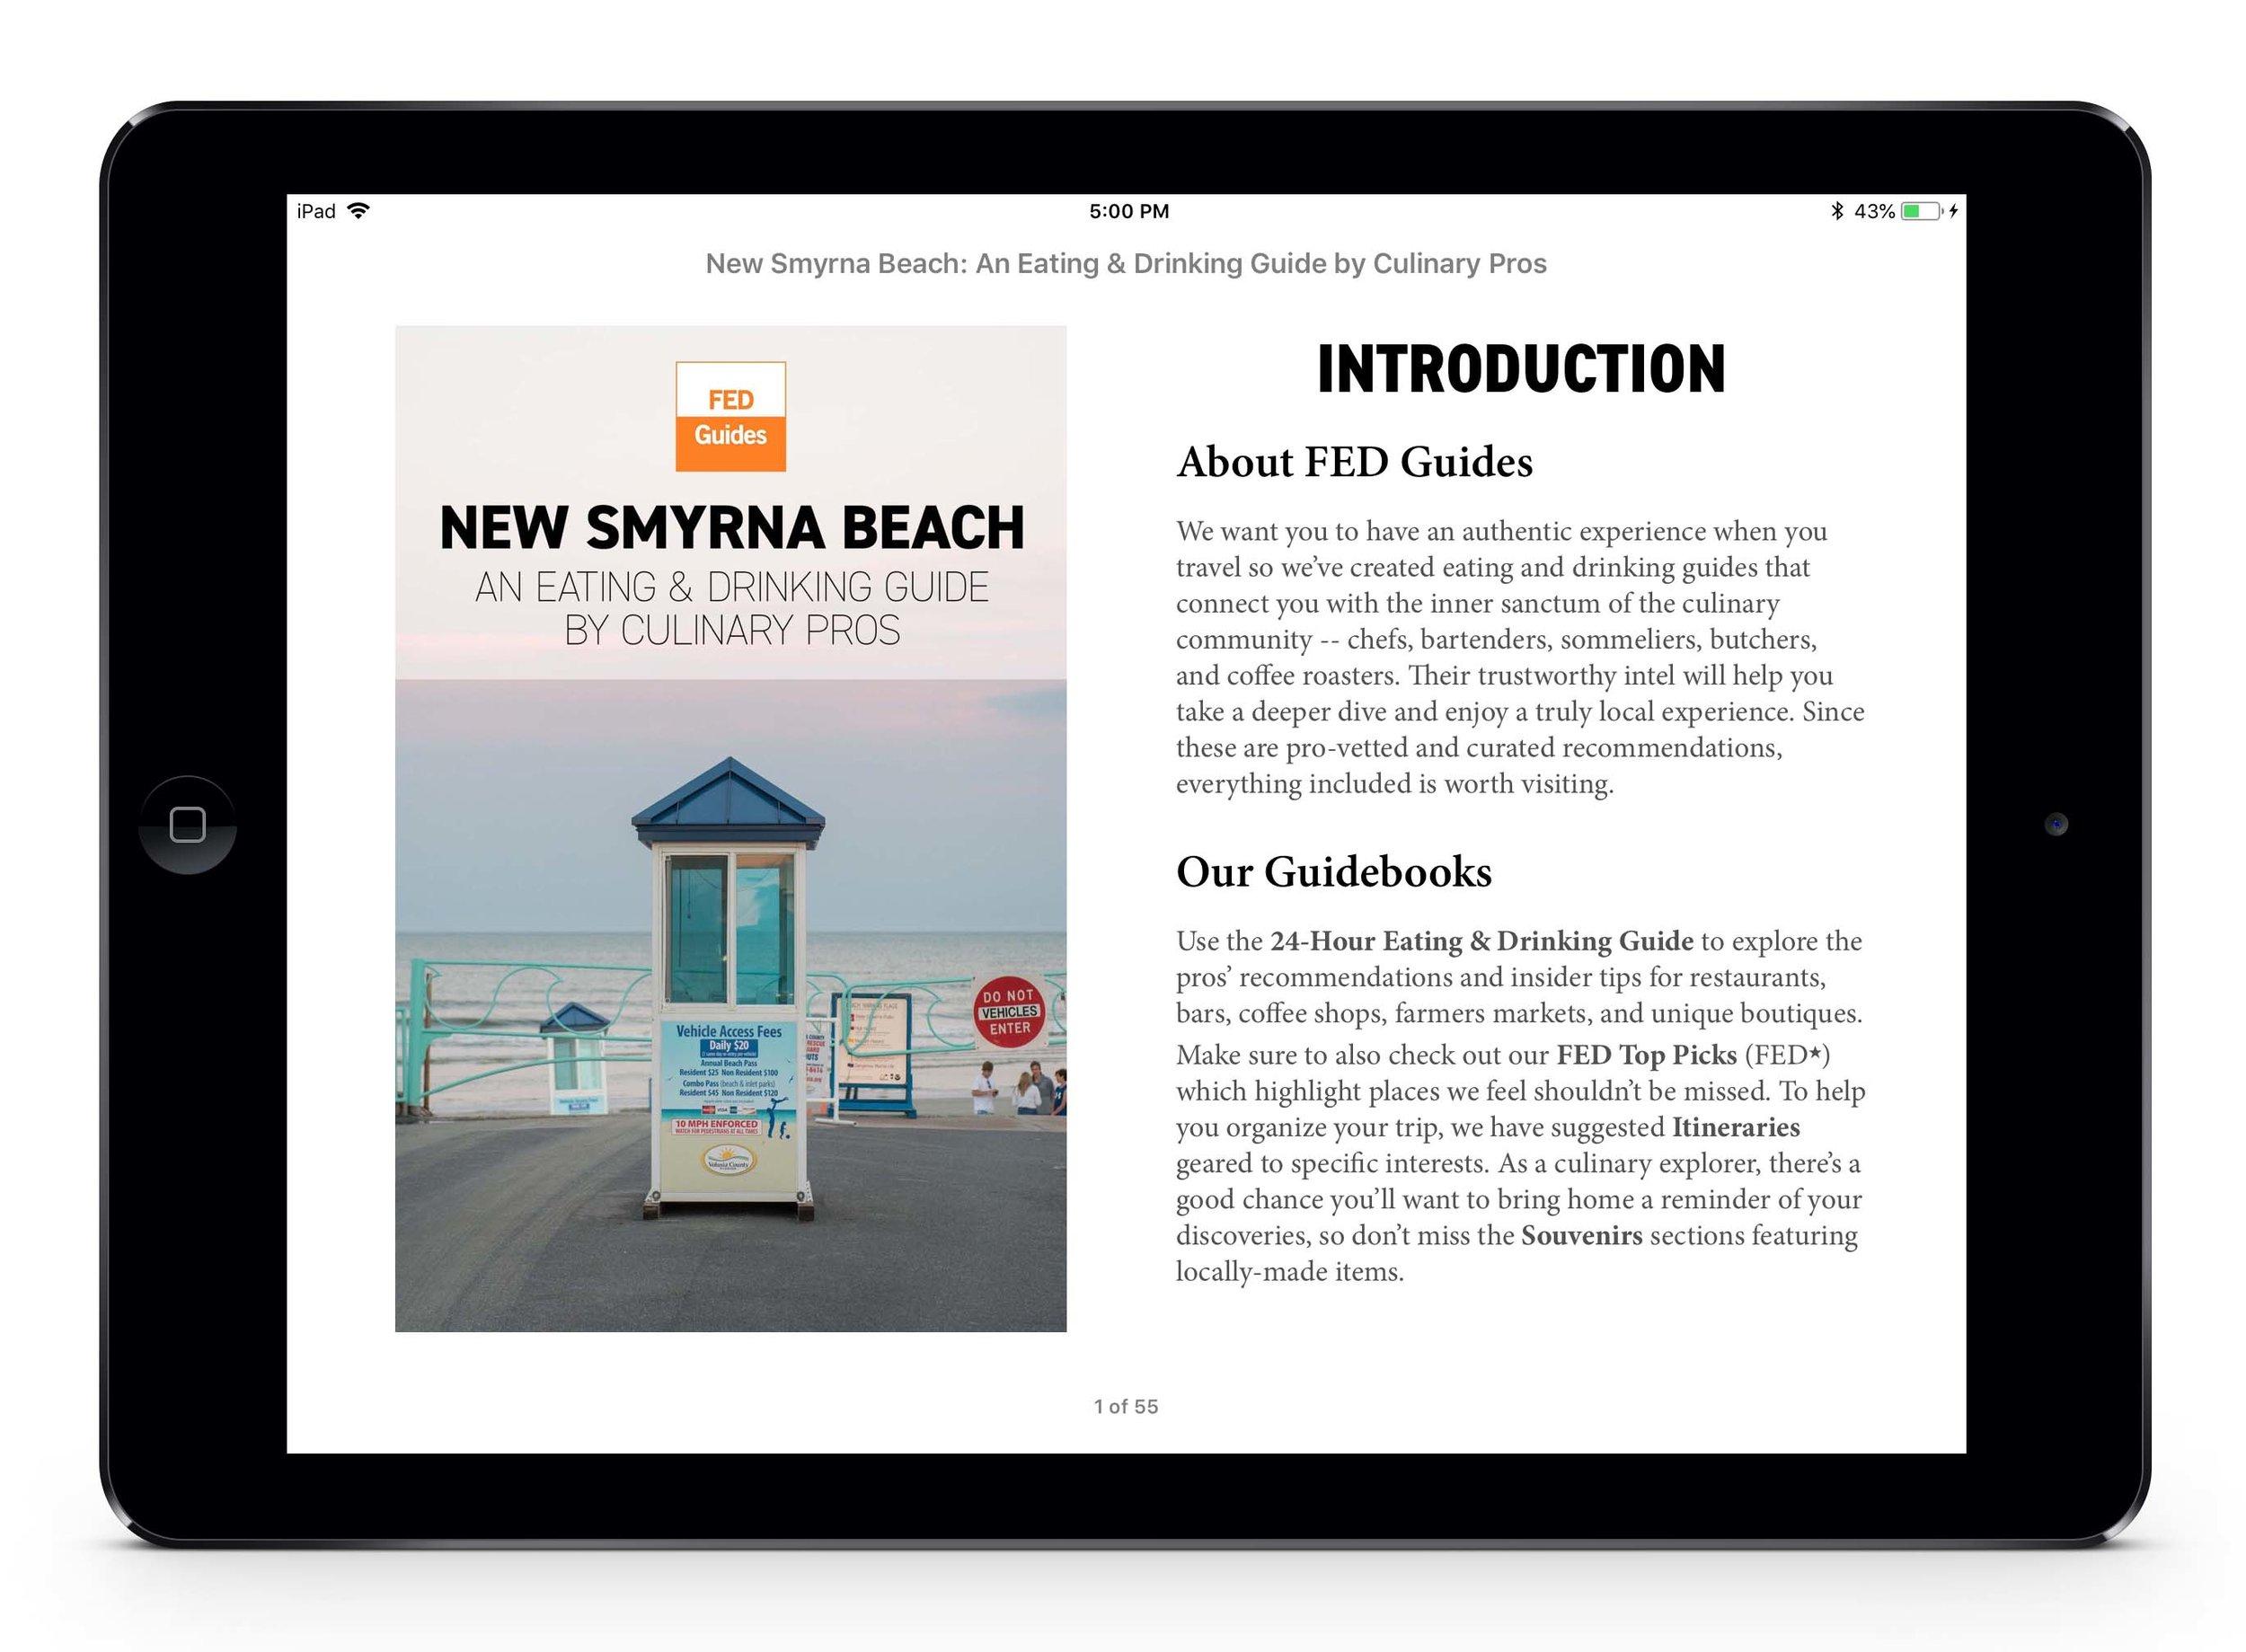 iPadAir_NSB_Screenshots_1.1.jpg